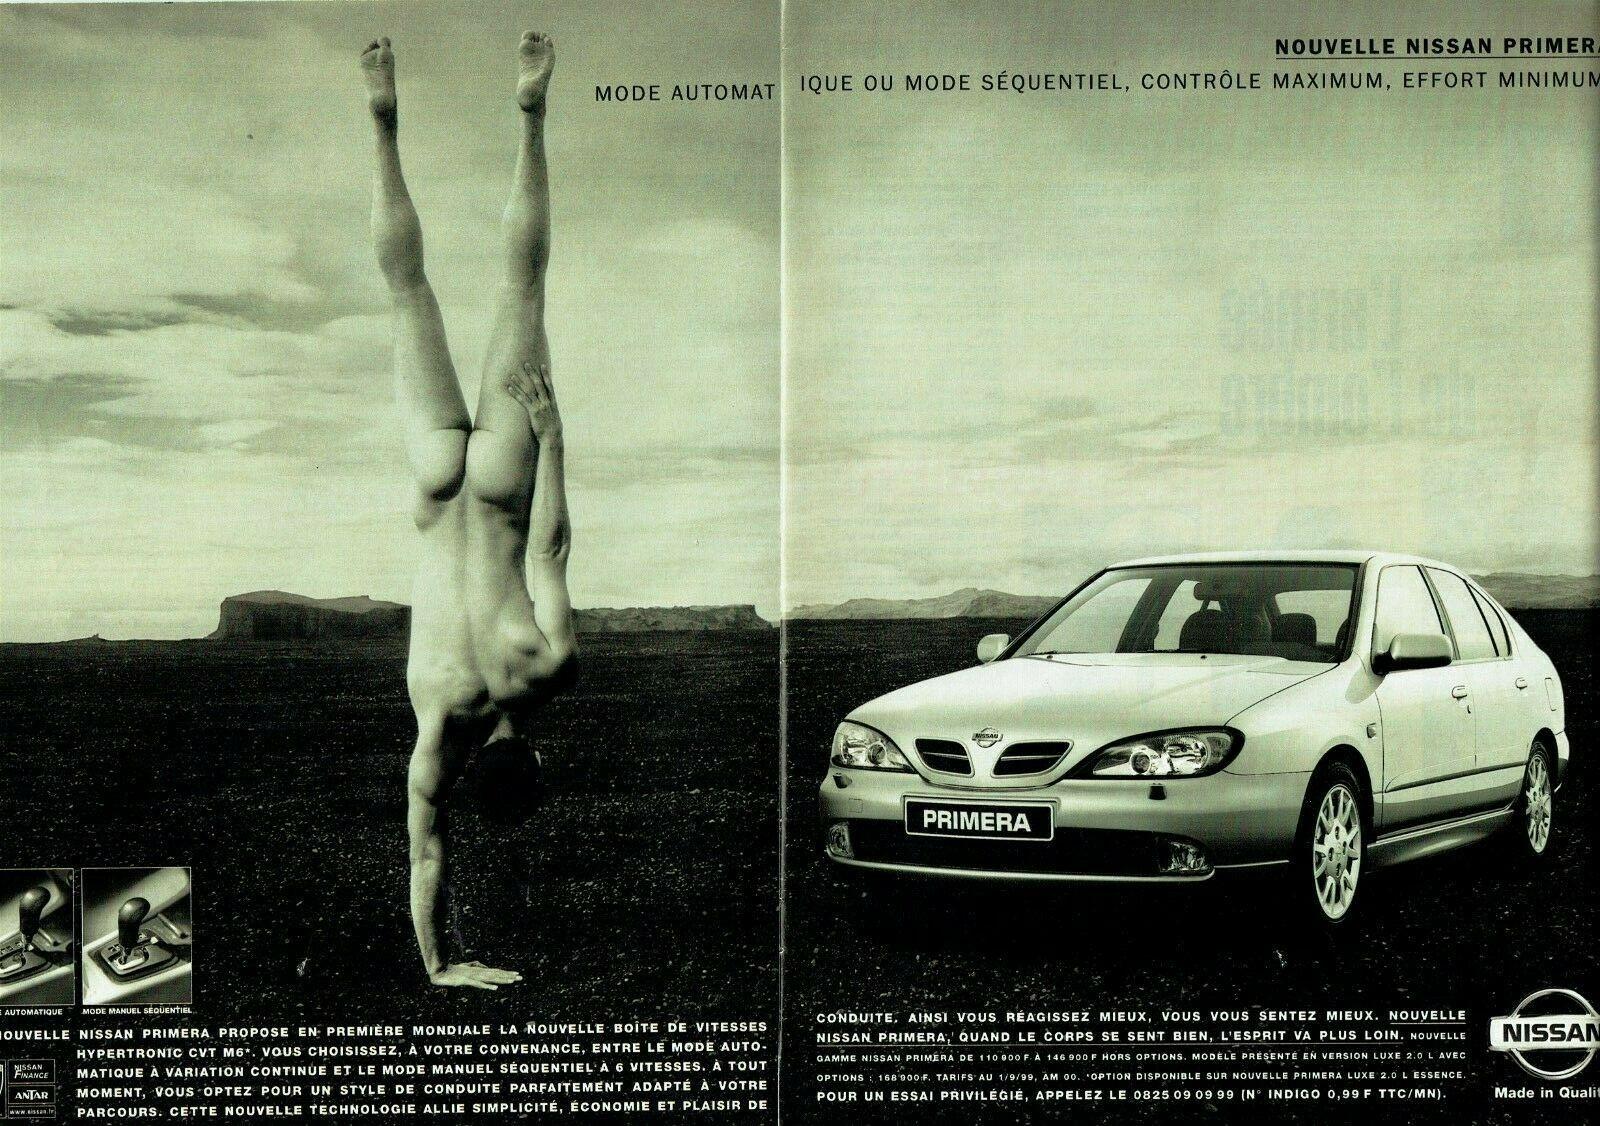 1999 Nissan Primera mode sequentiel